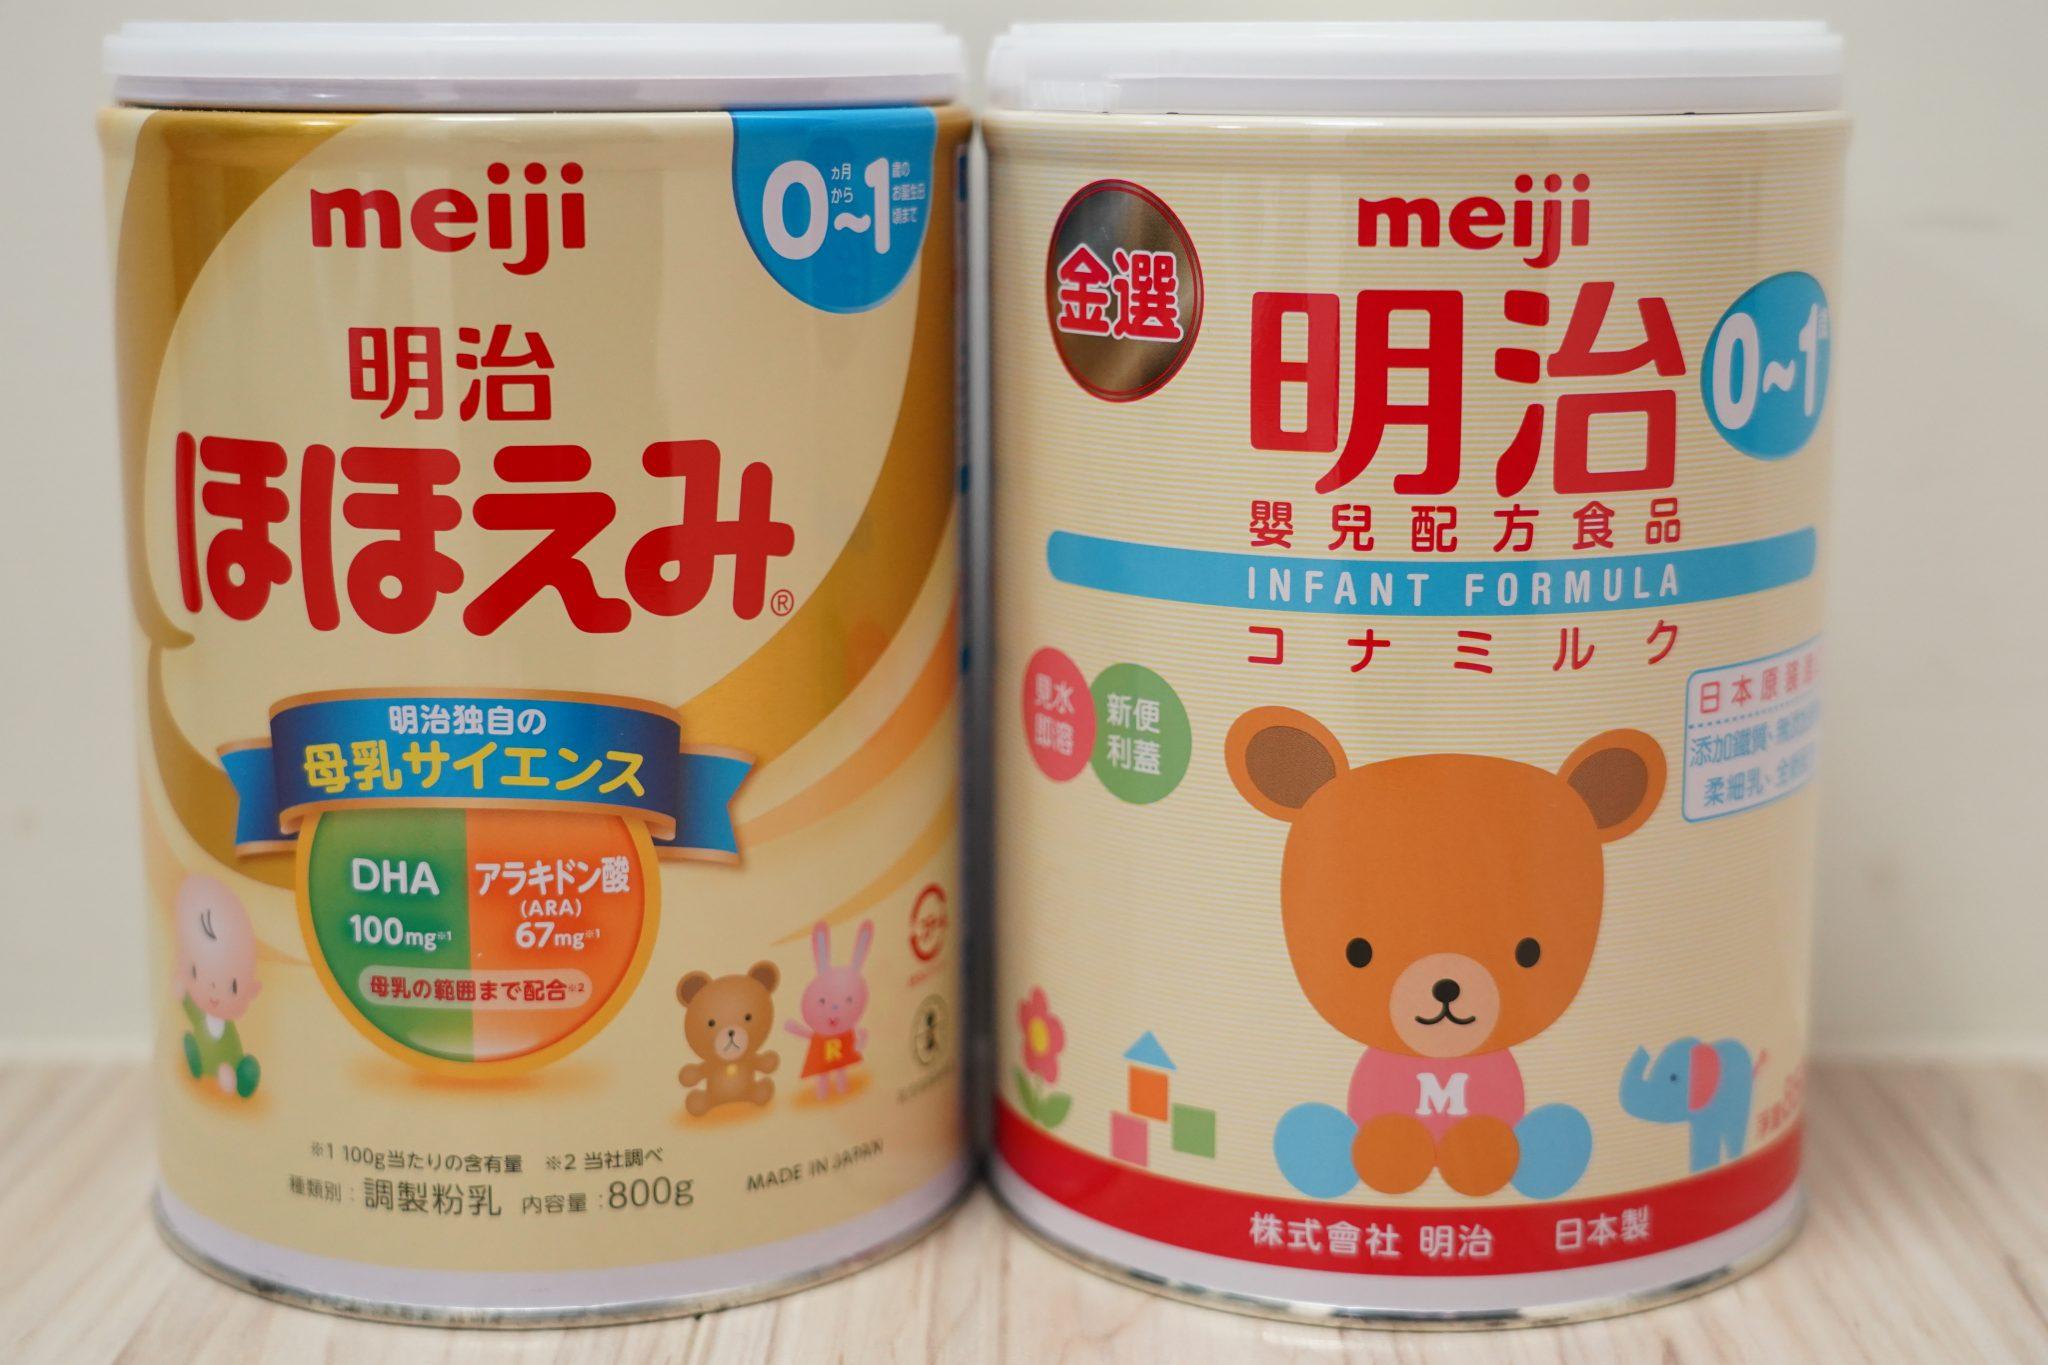 日本版と台湾版の明治粉ミルクの違い